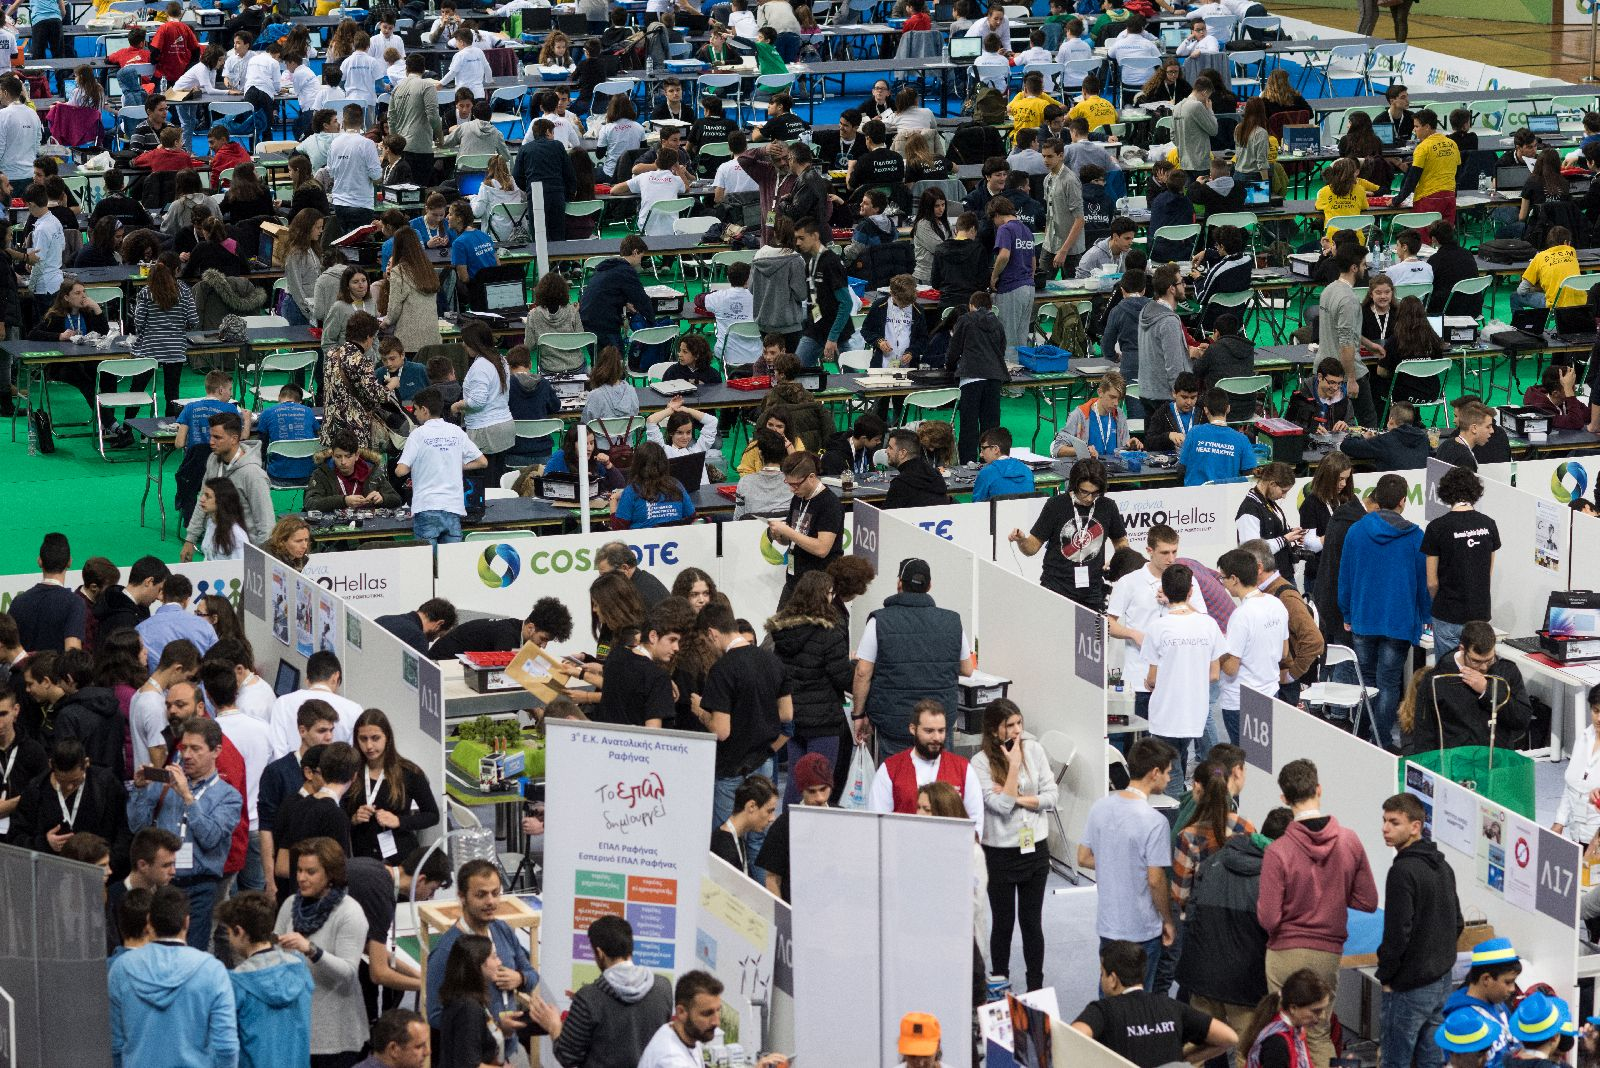 Σας προσκαλούμε στον Πανελλήνιο Διαγωνισμό Εκπαιδευτικής Ρομποτικής 2019!